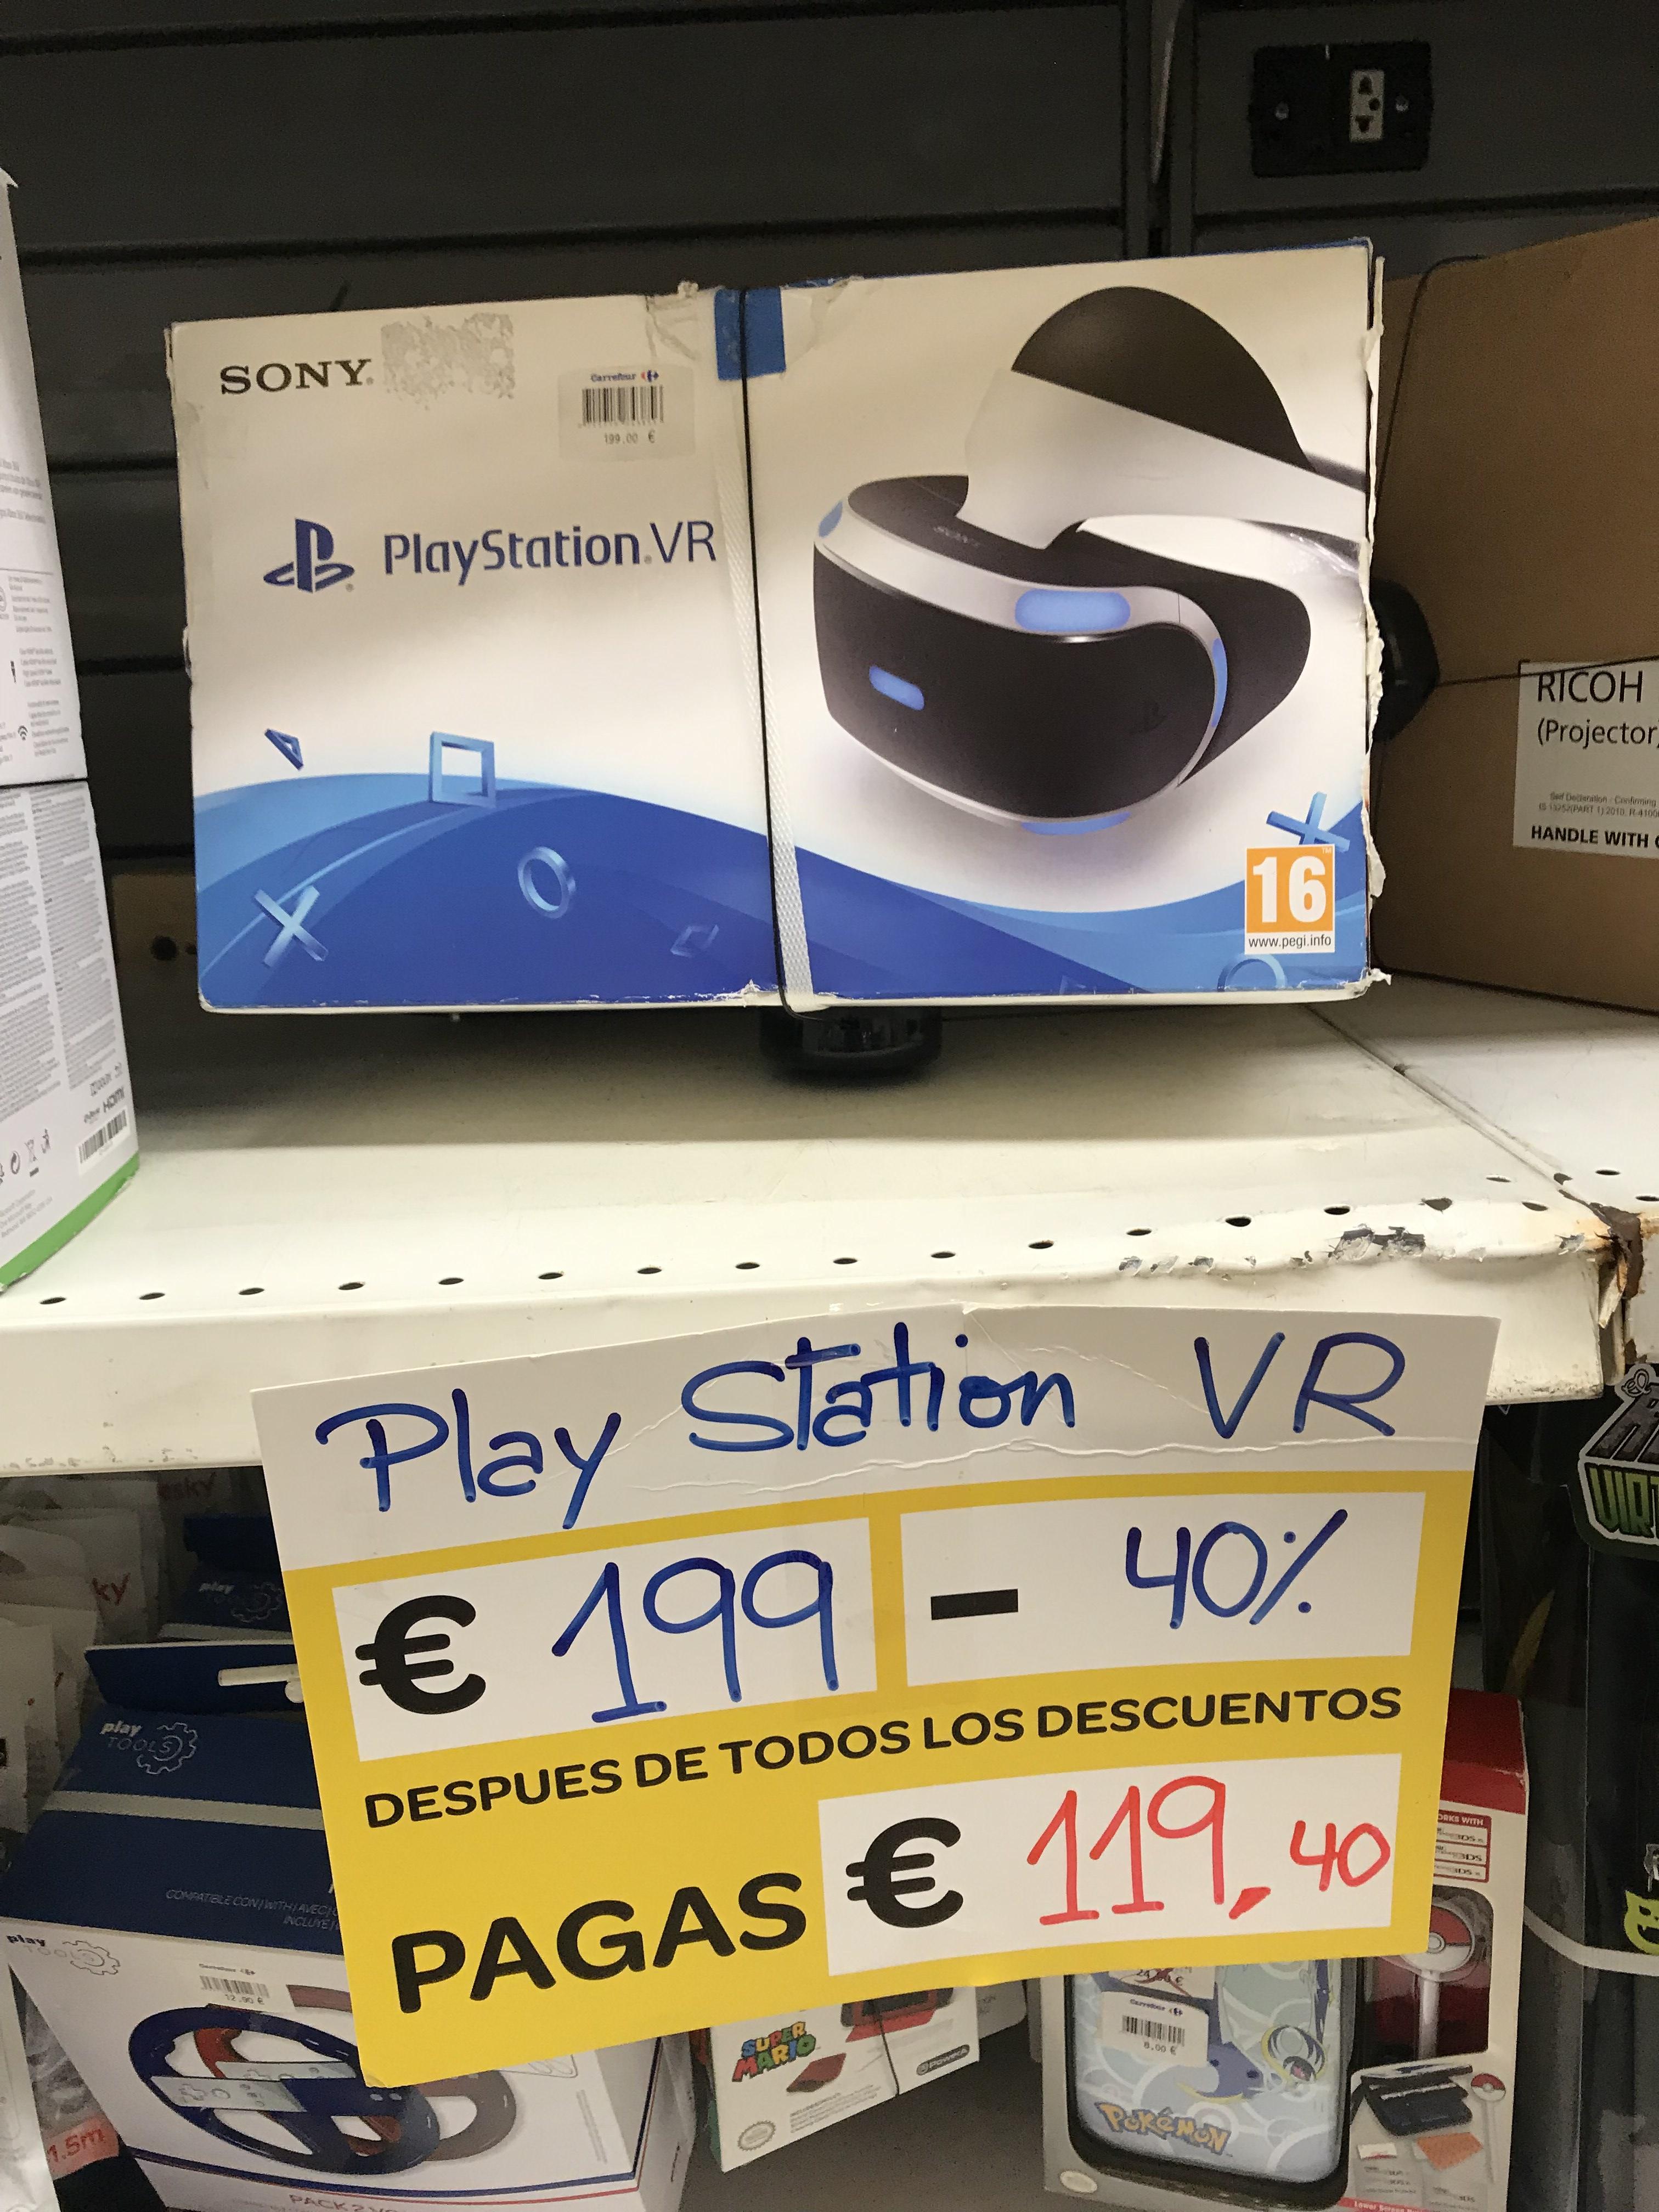 ¡Play Station VR v1 por 119,40€! Carrefour